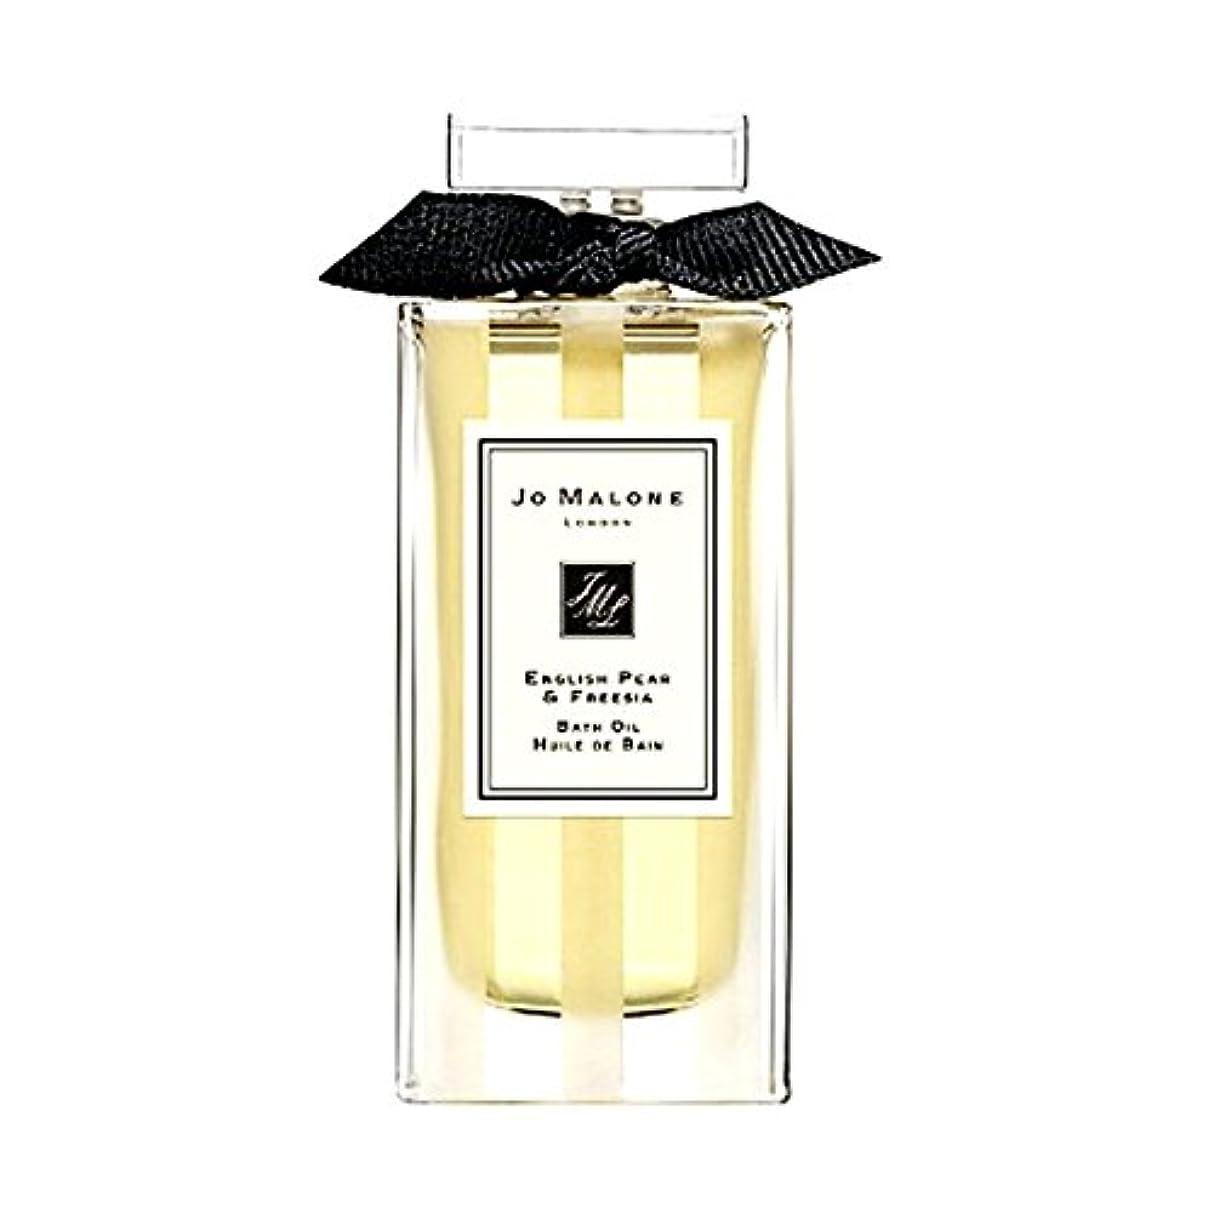 においコミュニケーション格差Jo Maloneジョーマローン, バスオイル -英語梨&フリージア (30ml),' English Pear & Freesia' Bath Oil (1oz) [海外直送品] [並行輸入品]